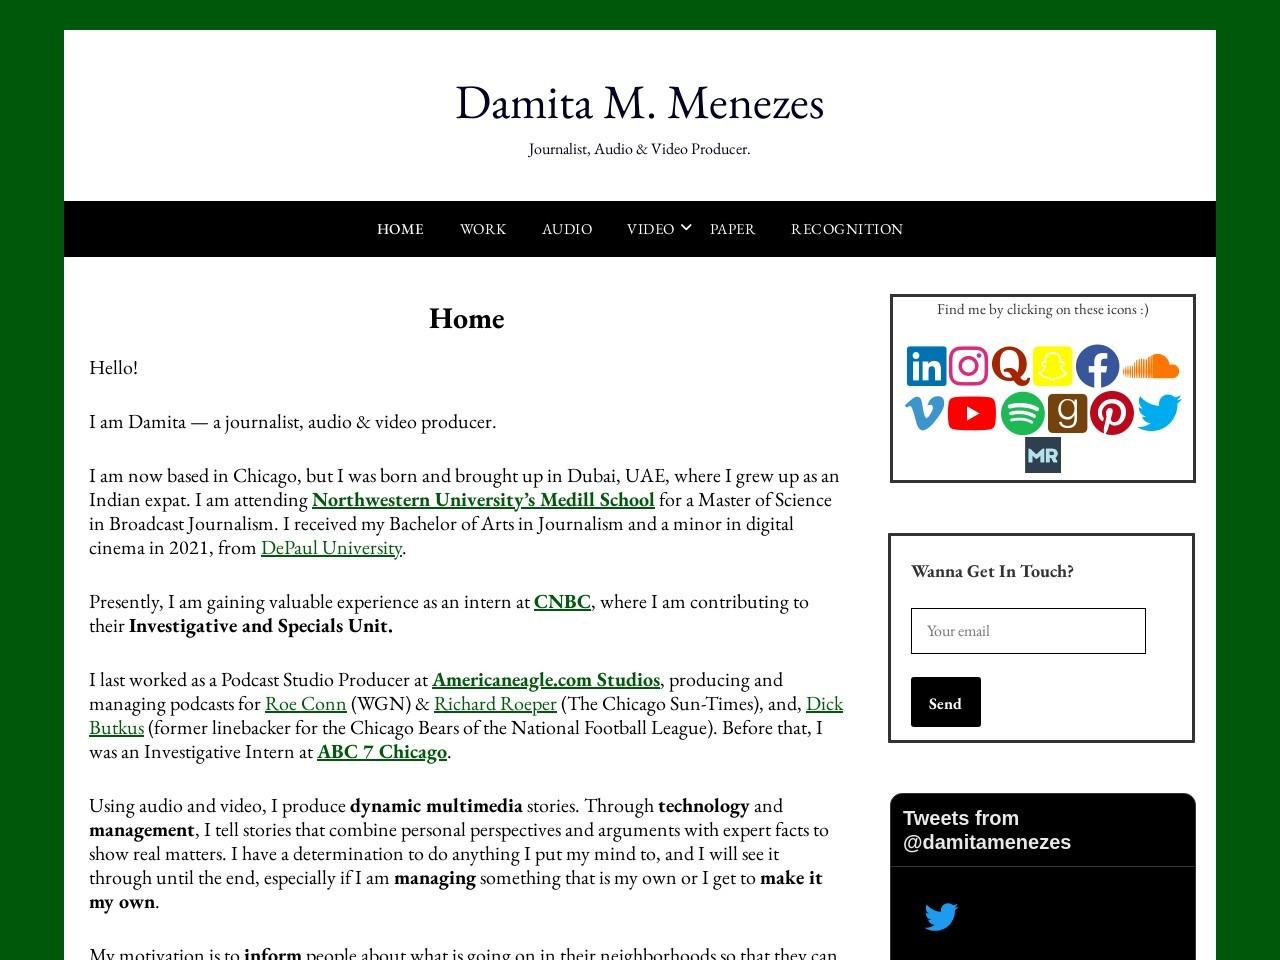 Damita M. Menezes